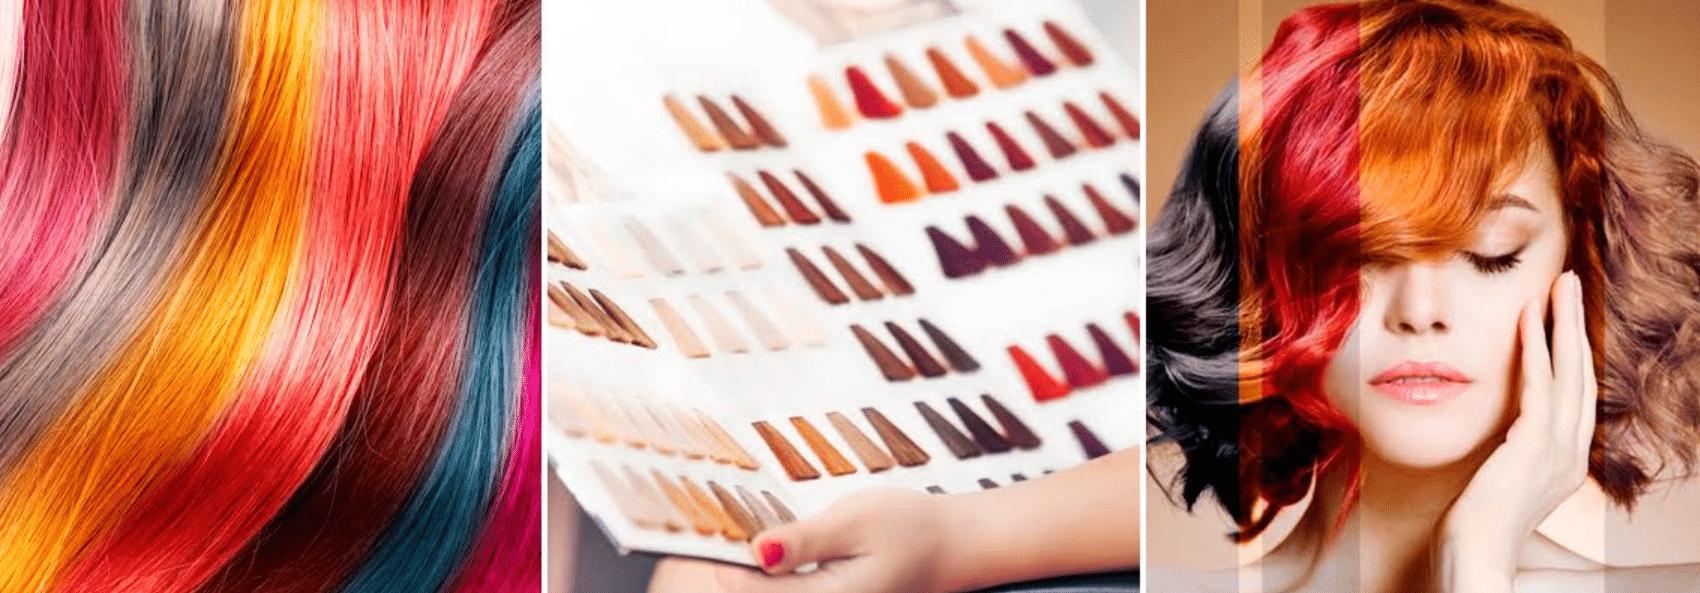 imagem aproximada de paleta de tintas para pintar o cabelo em casa